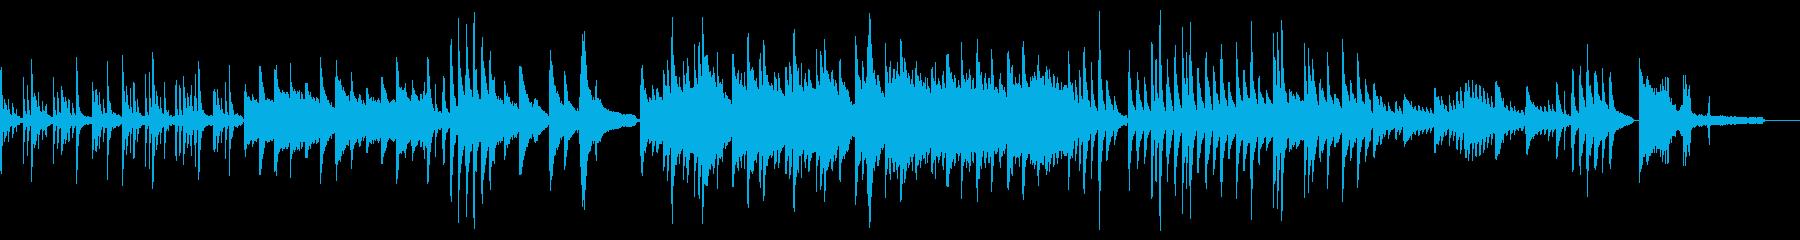 癒やしの静かな和風ソロピアノ ショート の再生済みの波形